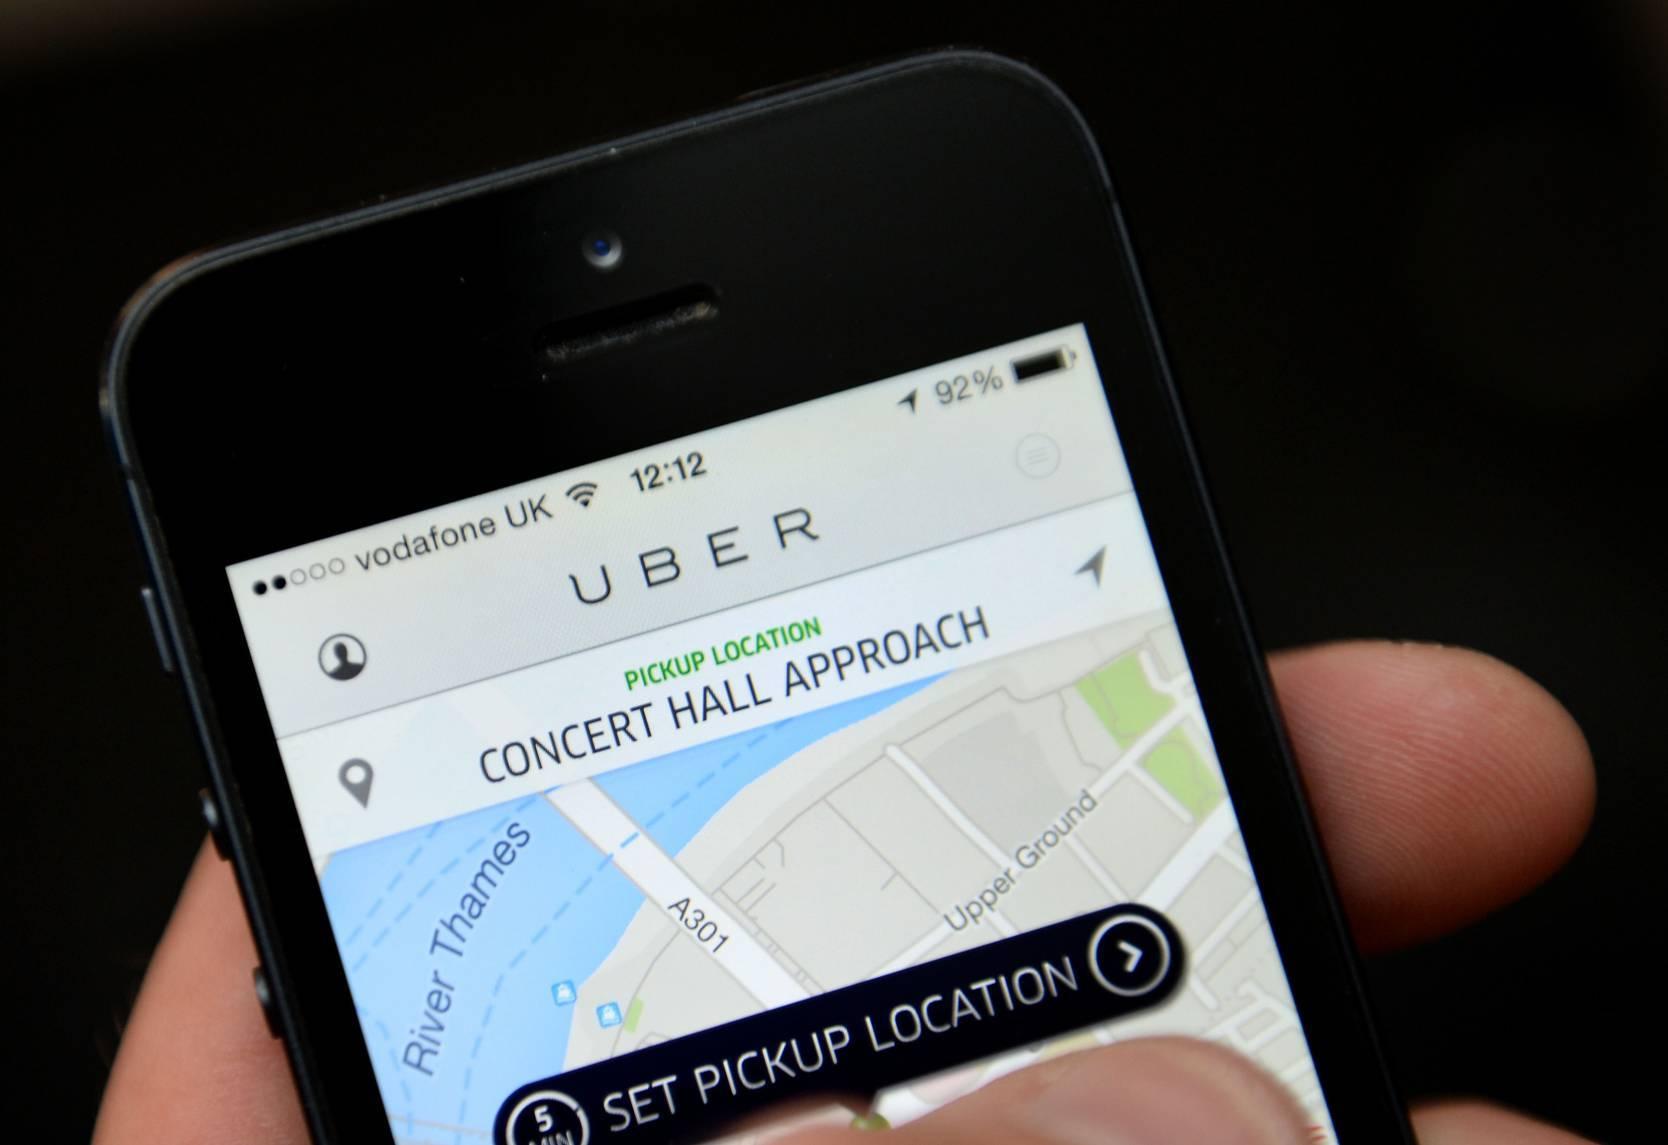 Uber wants to launch an Aberdeen service